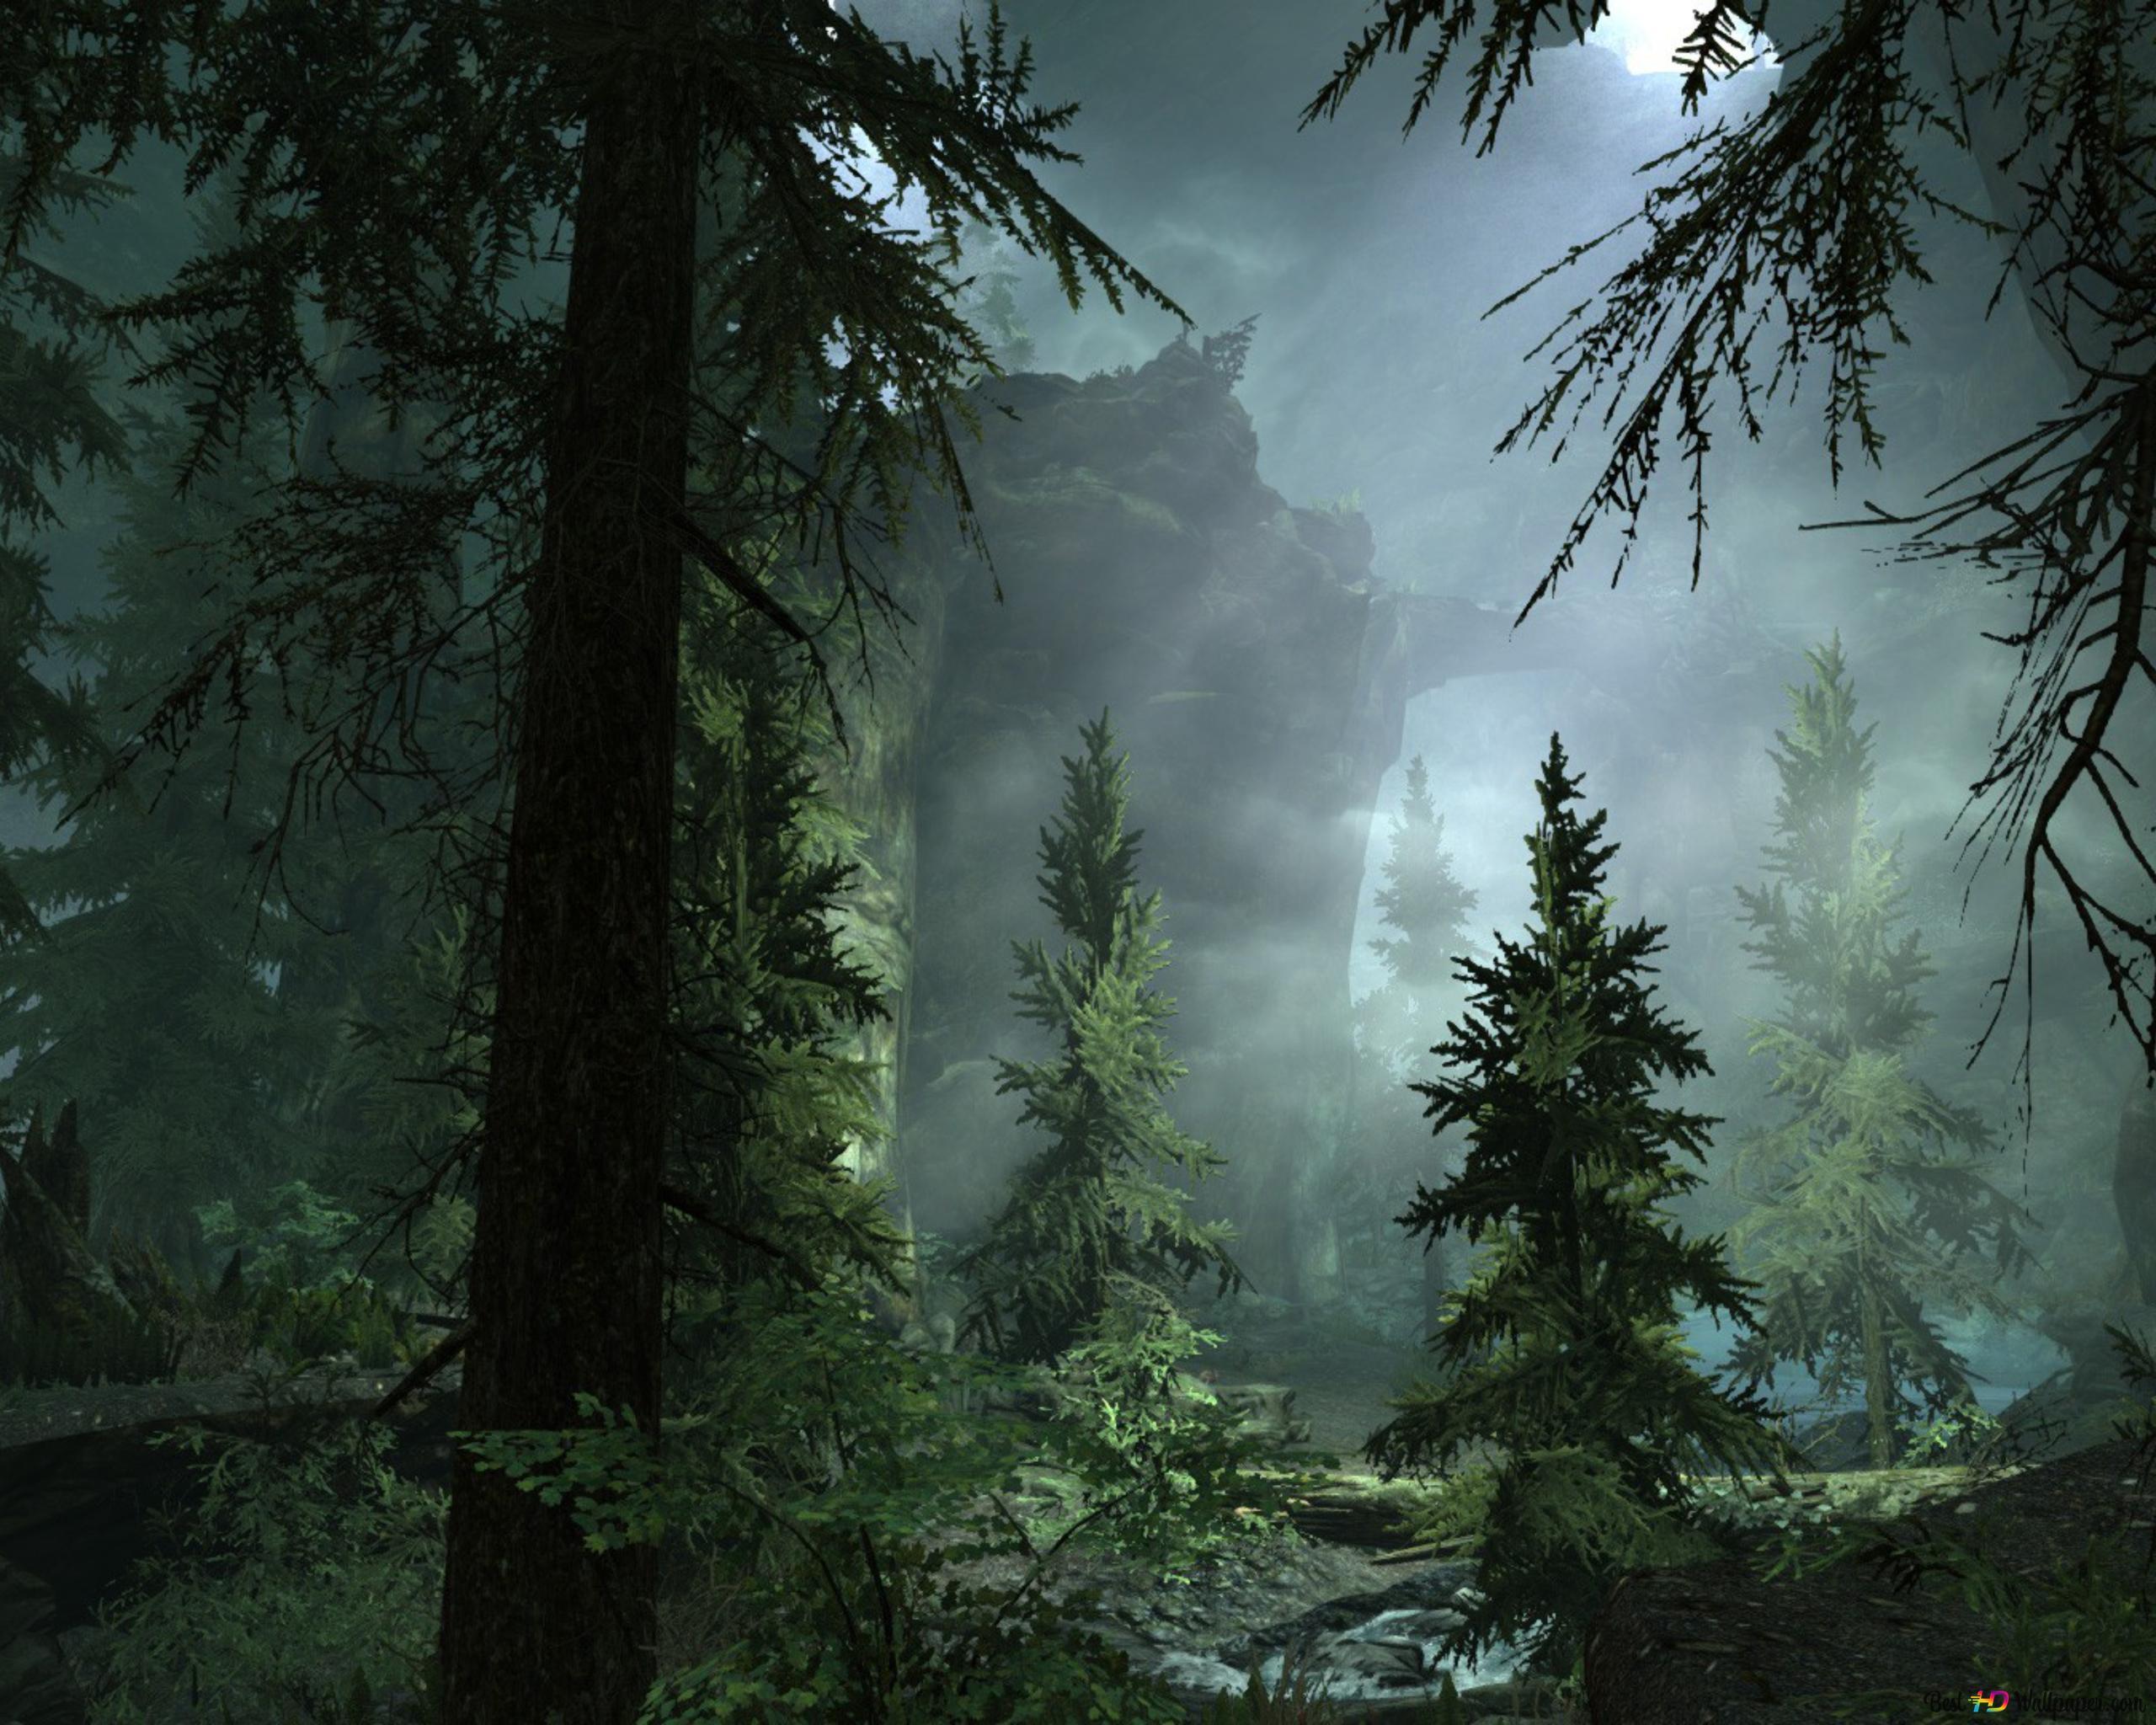 Neblige Nacht In Wald Hd Hintergrundbilder Herunterladen